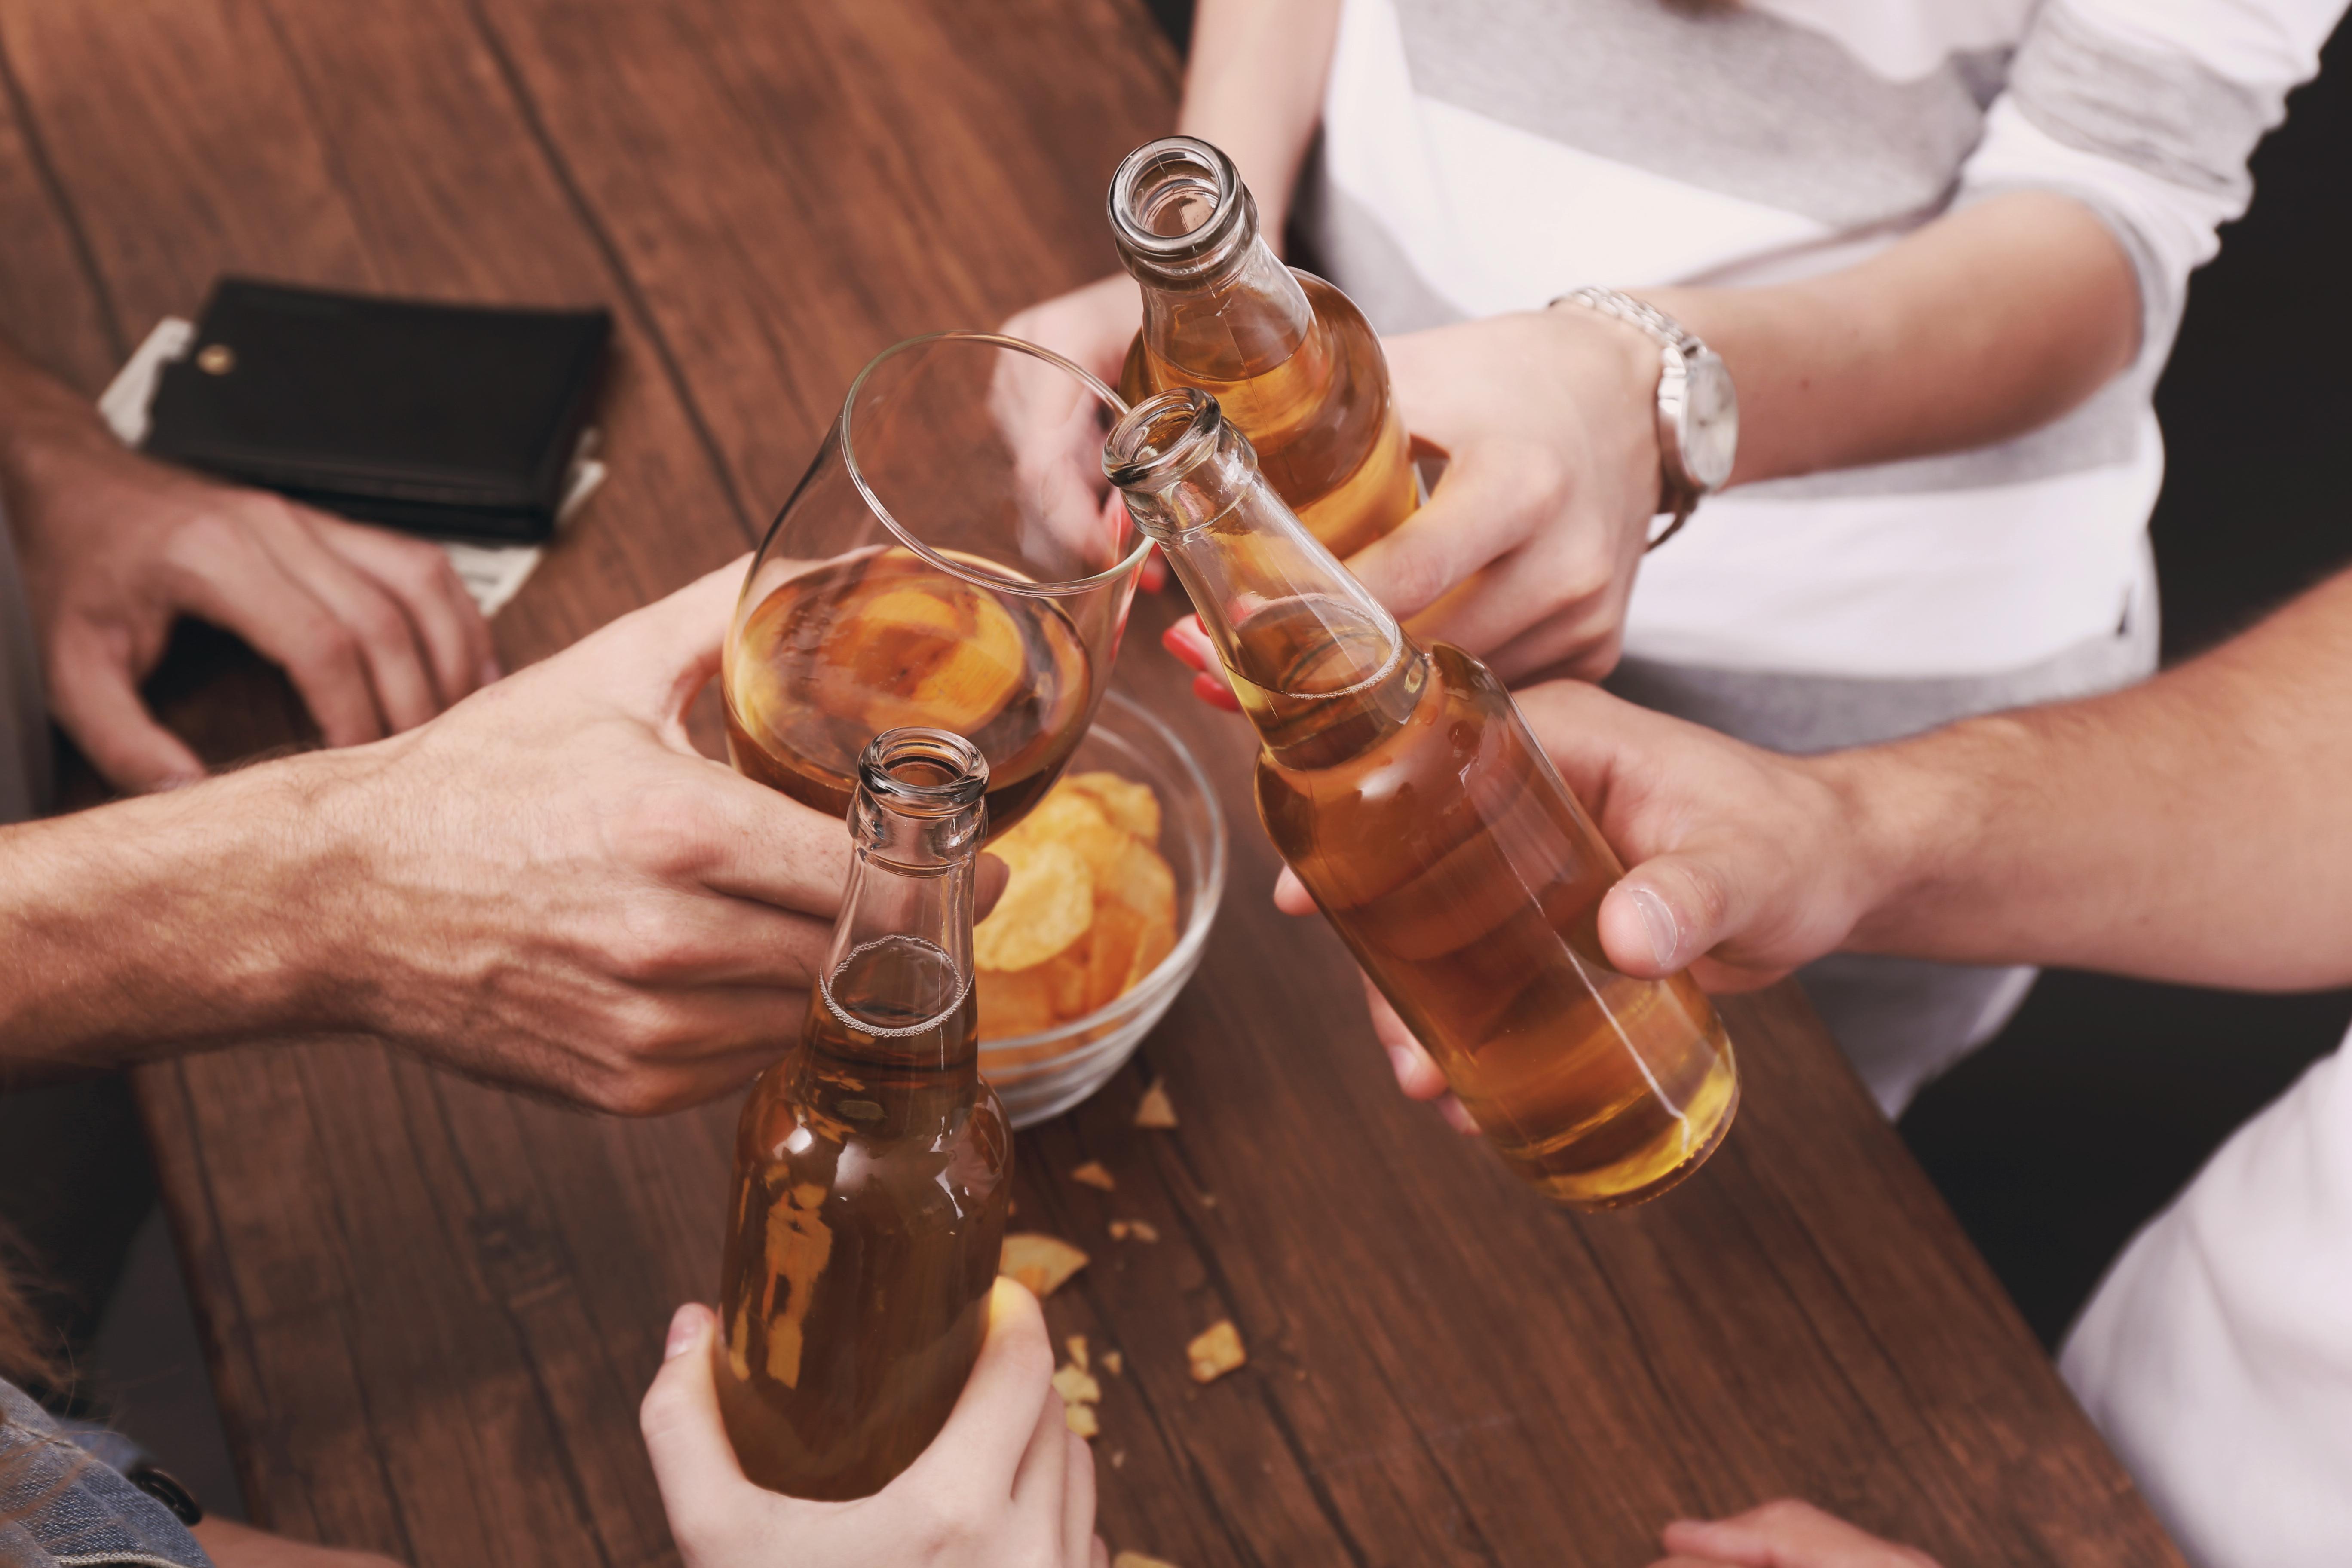 Beber alcohol puede ser bueno para tu bienestar emocional